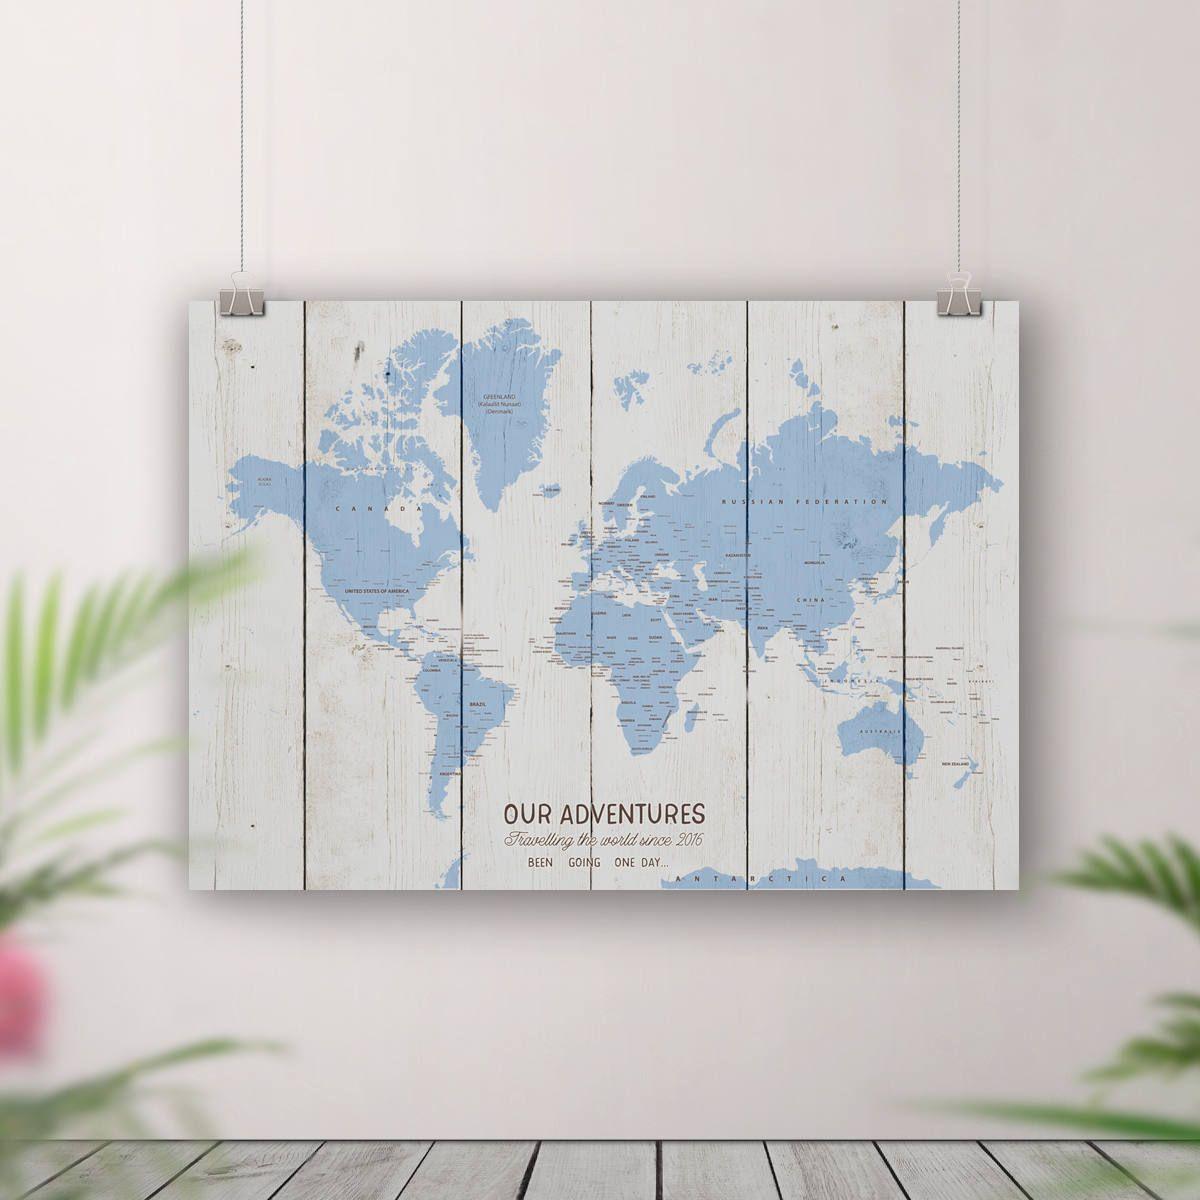 World map pin board wood style push pin travel map places push pin world map pin board wood style push pin travel map places gumiabroncs Image collections